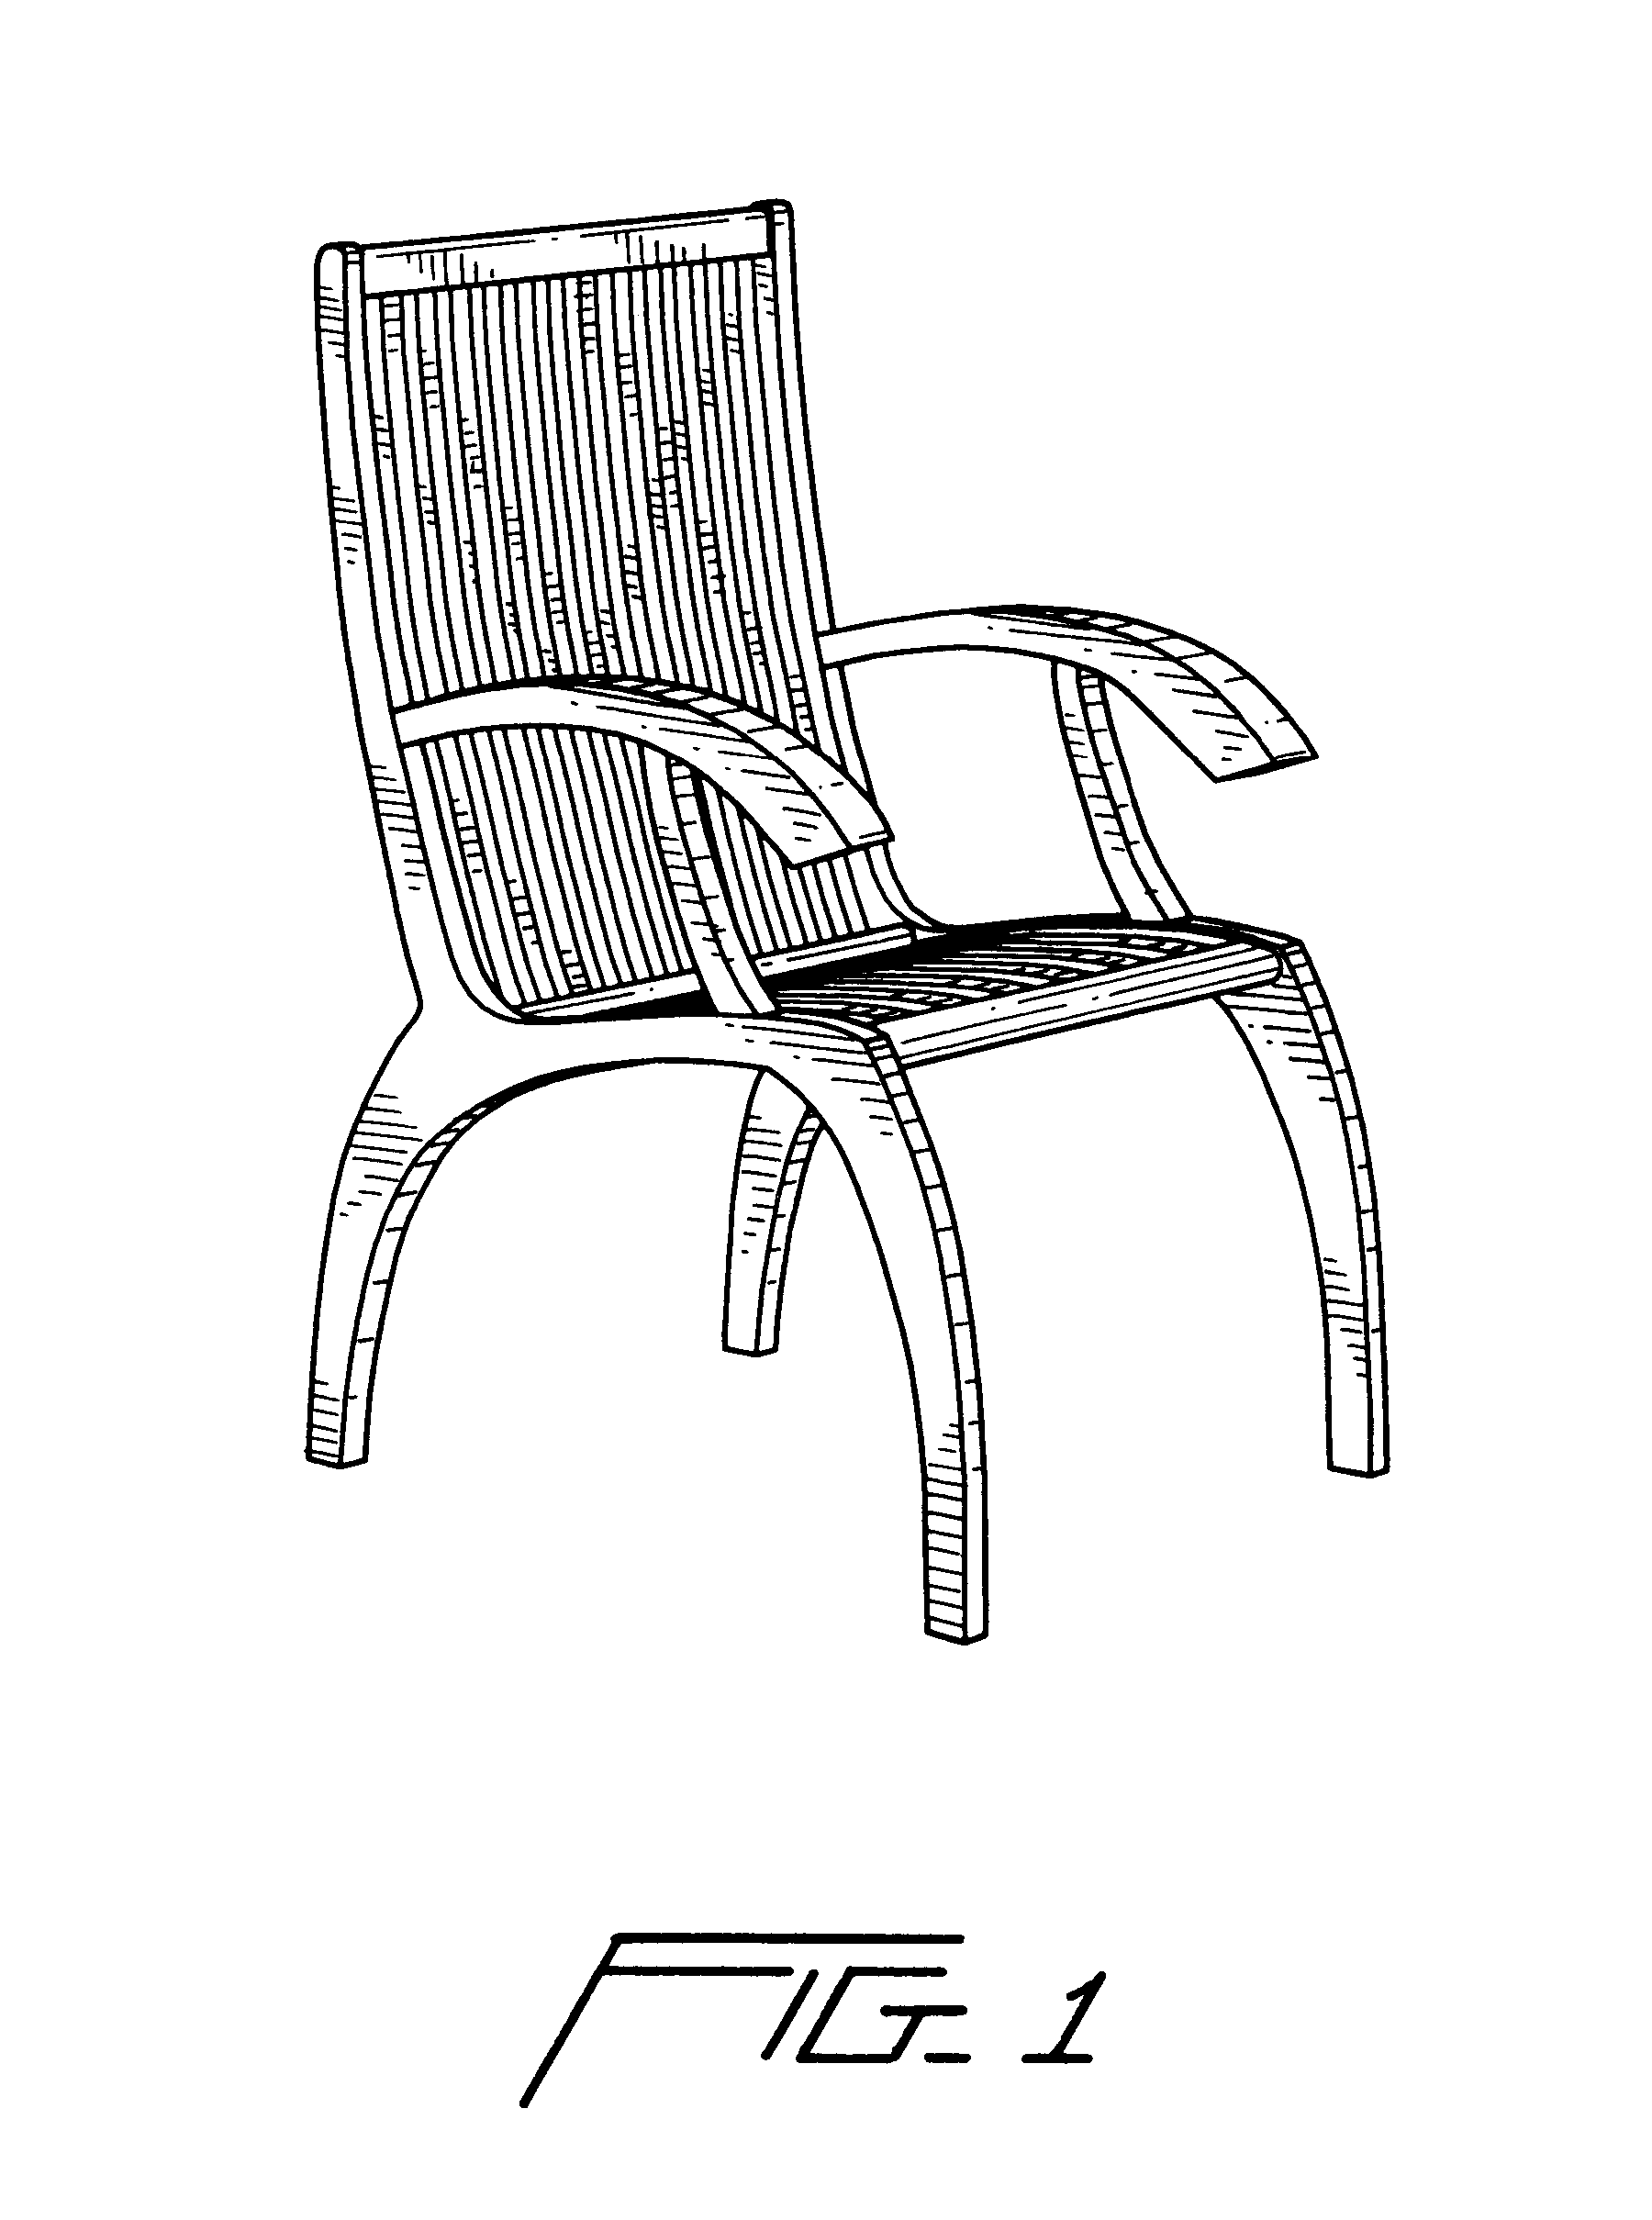 家具 简笔画 手绘 线稿 椅 椅子 1800_2419 竖版 竖屏